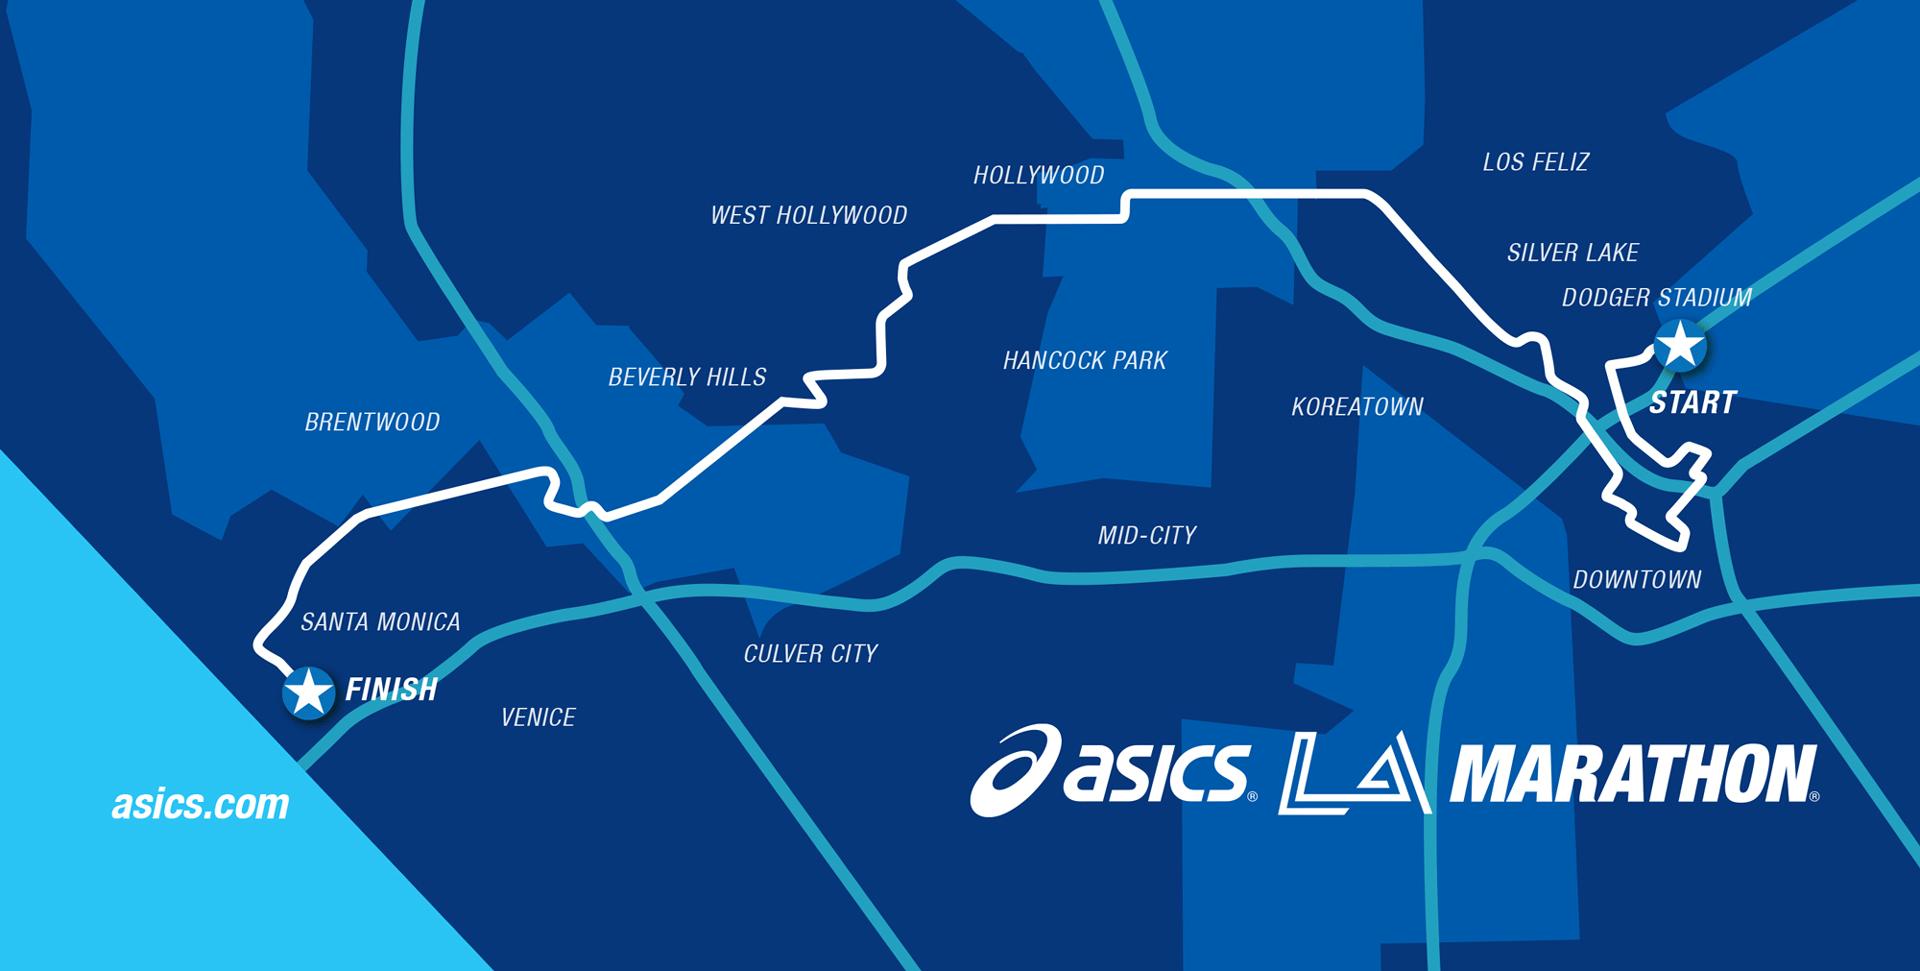 ASICS map for LA Marathon course